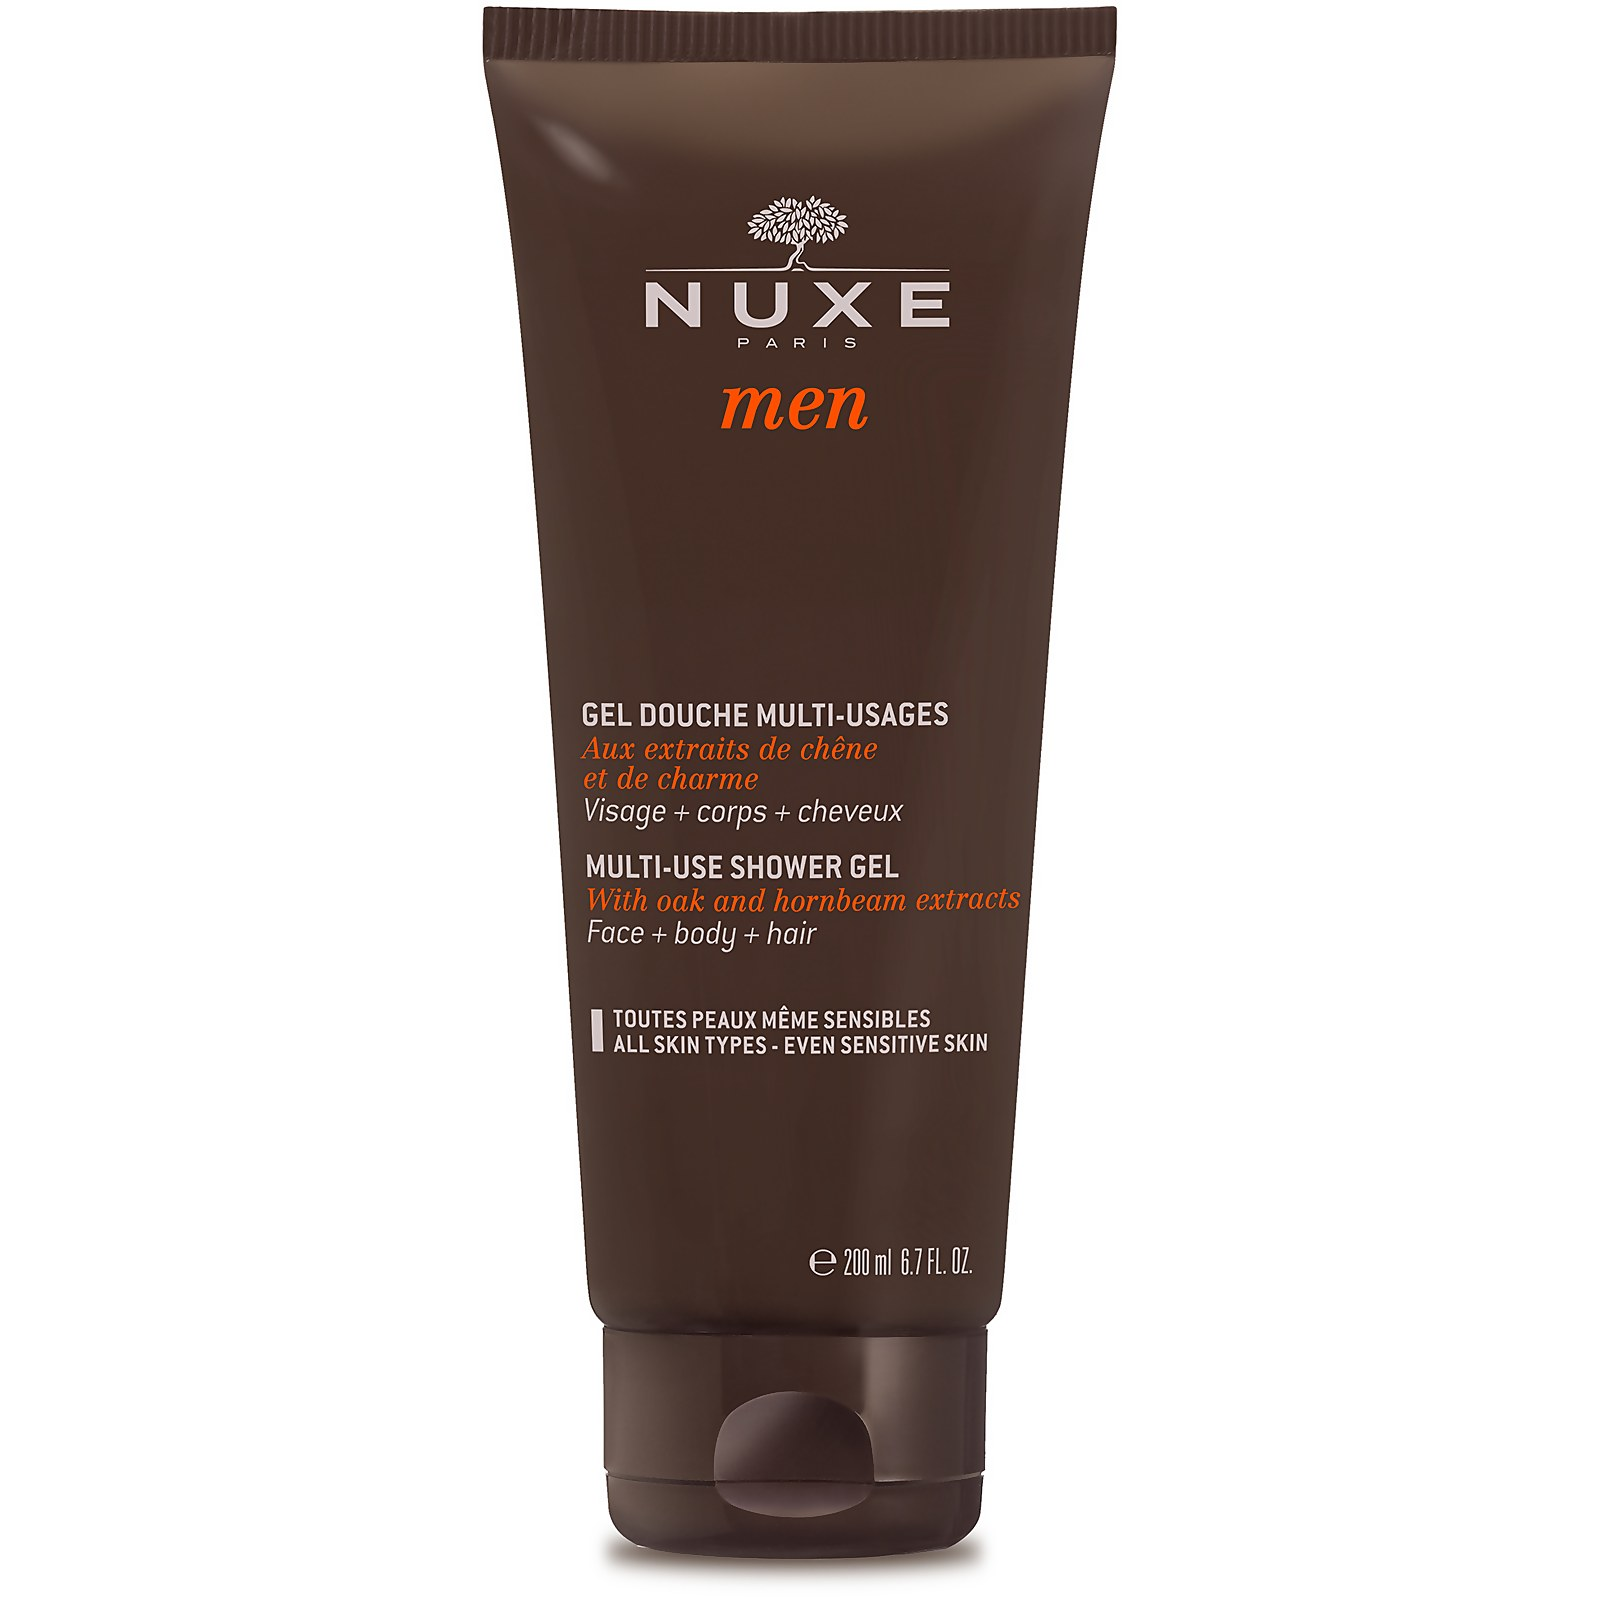 NUXE Men Multi-Use Shower Gel 200Ml